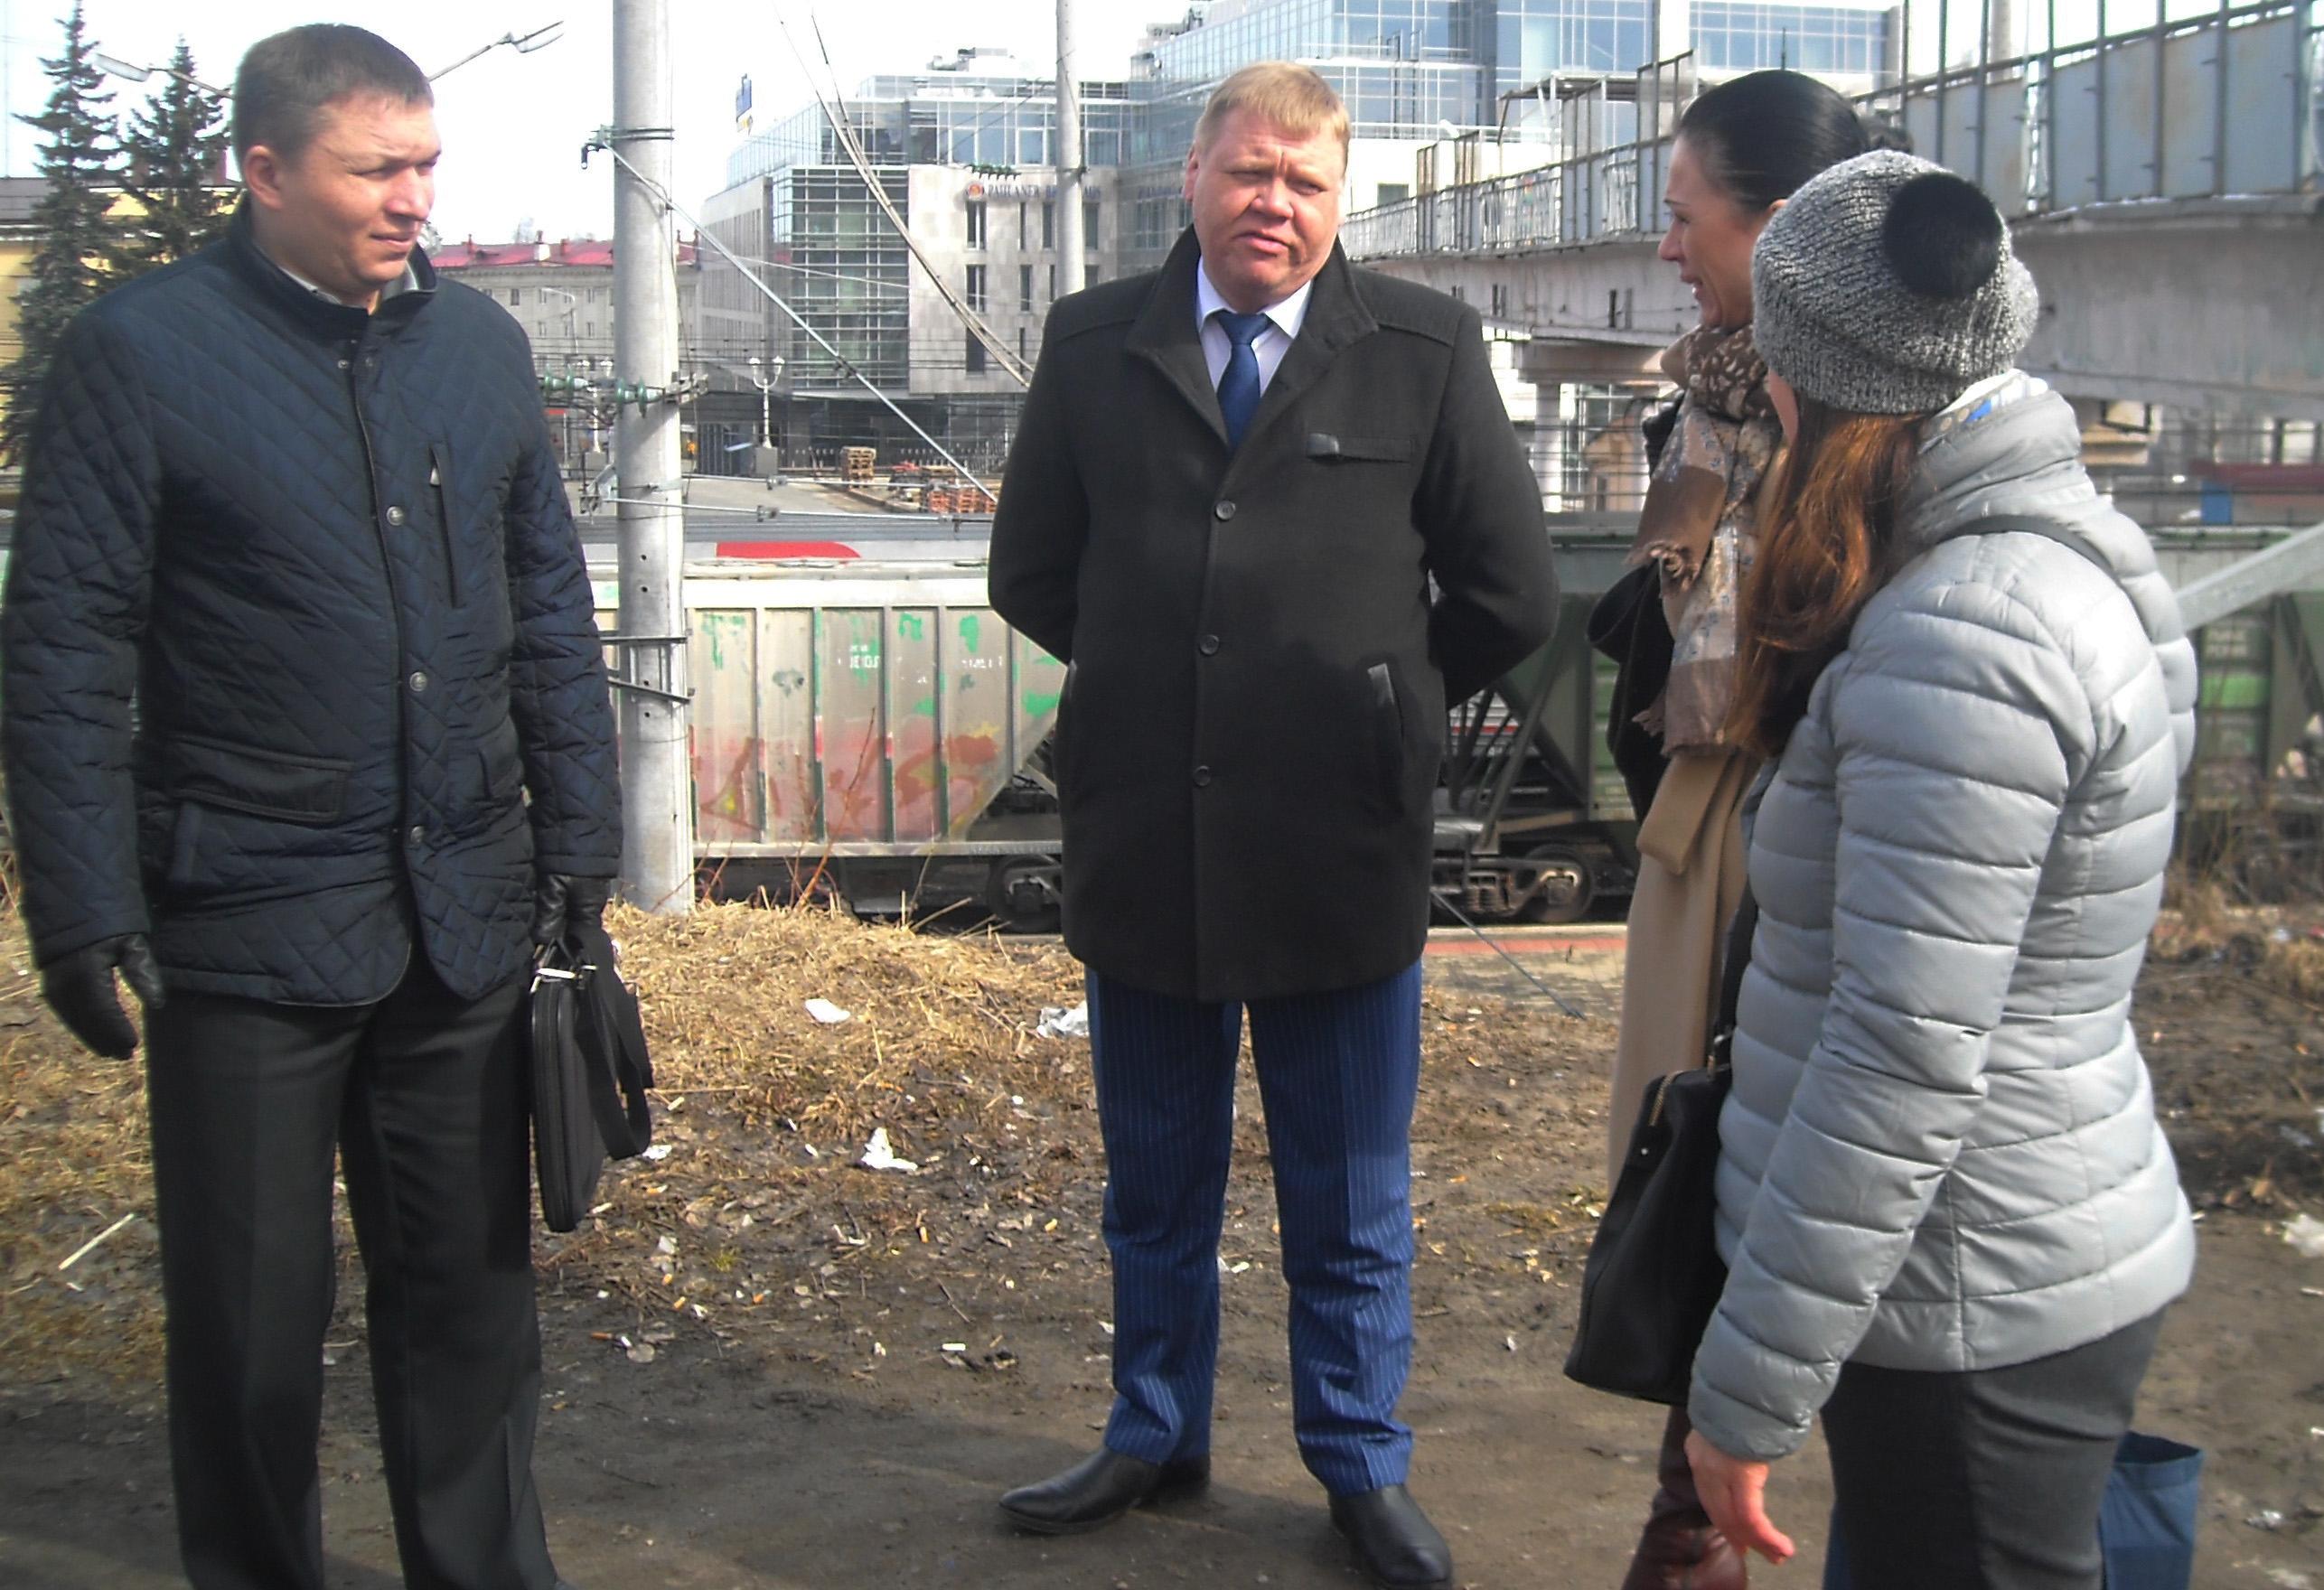 Разговор с представителями железной дороги и полиции. Фото: Татьяна Смирнова